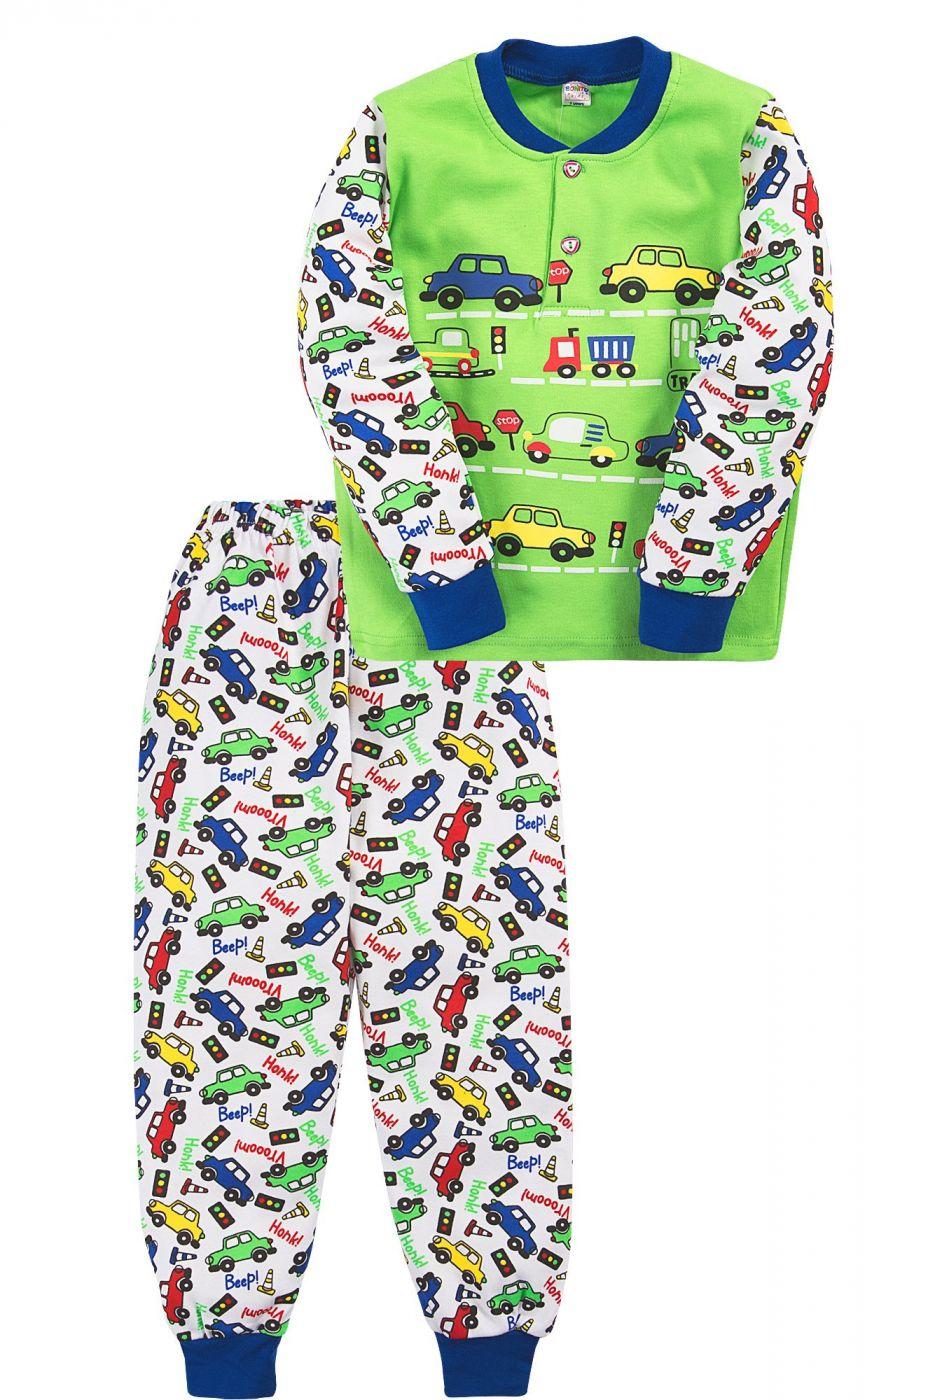 Пижама для мальчика Bonito зеленая с машинками